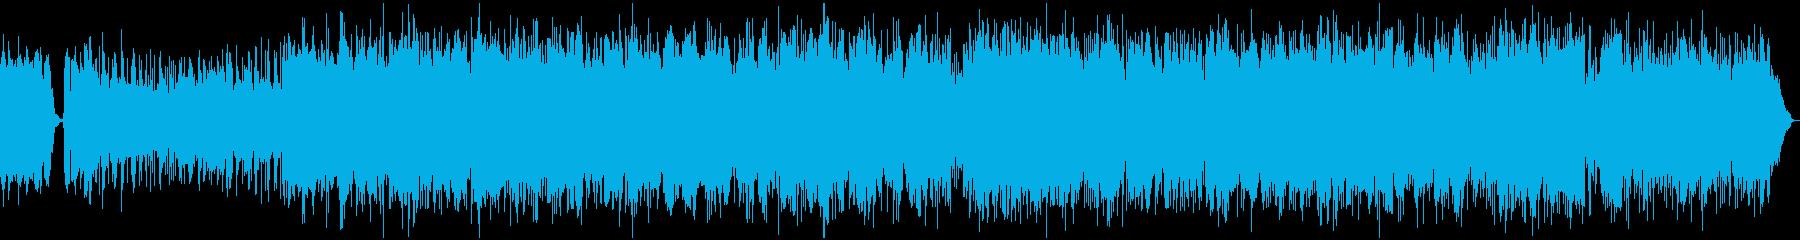 民族音楽・中近東風・フーガ形式・変拍子の再生済みの波形